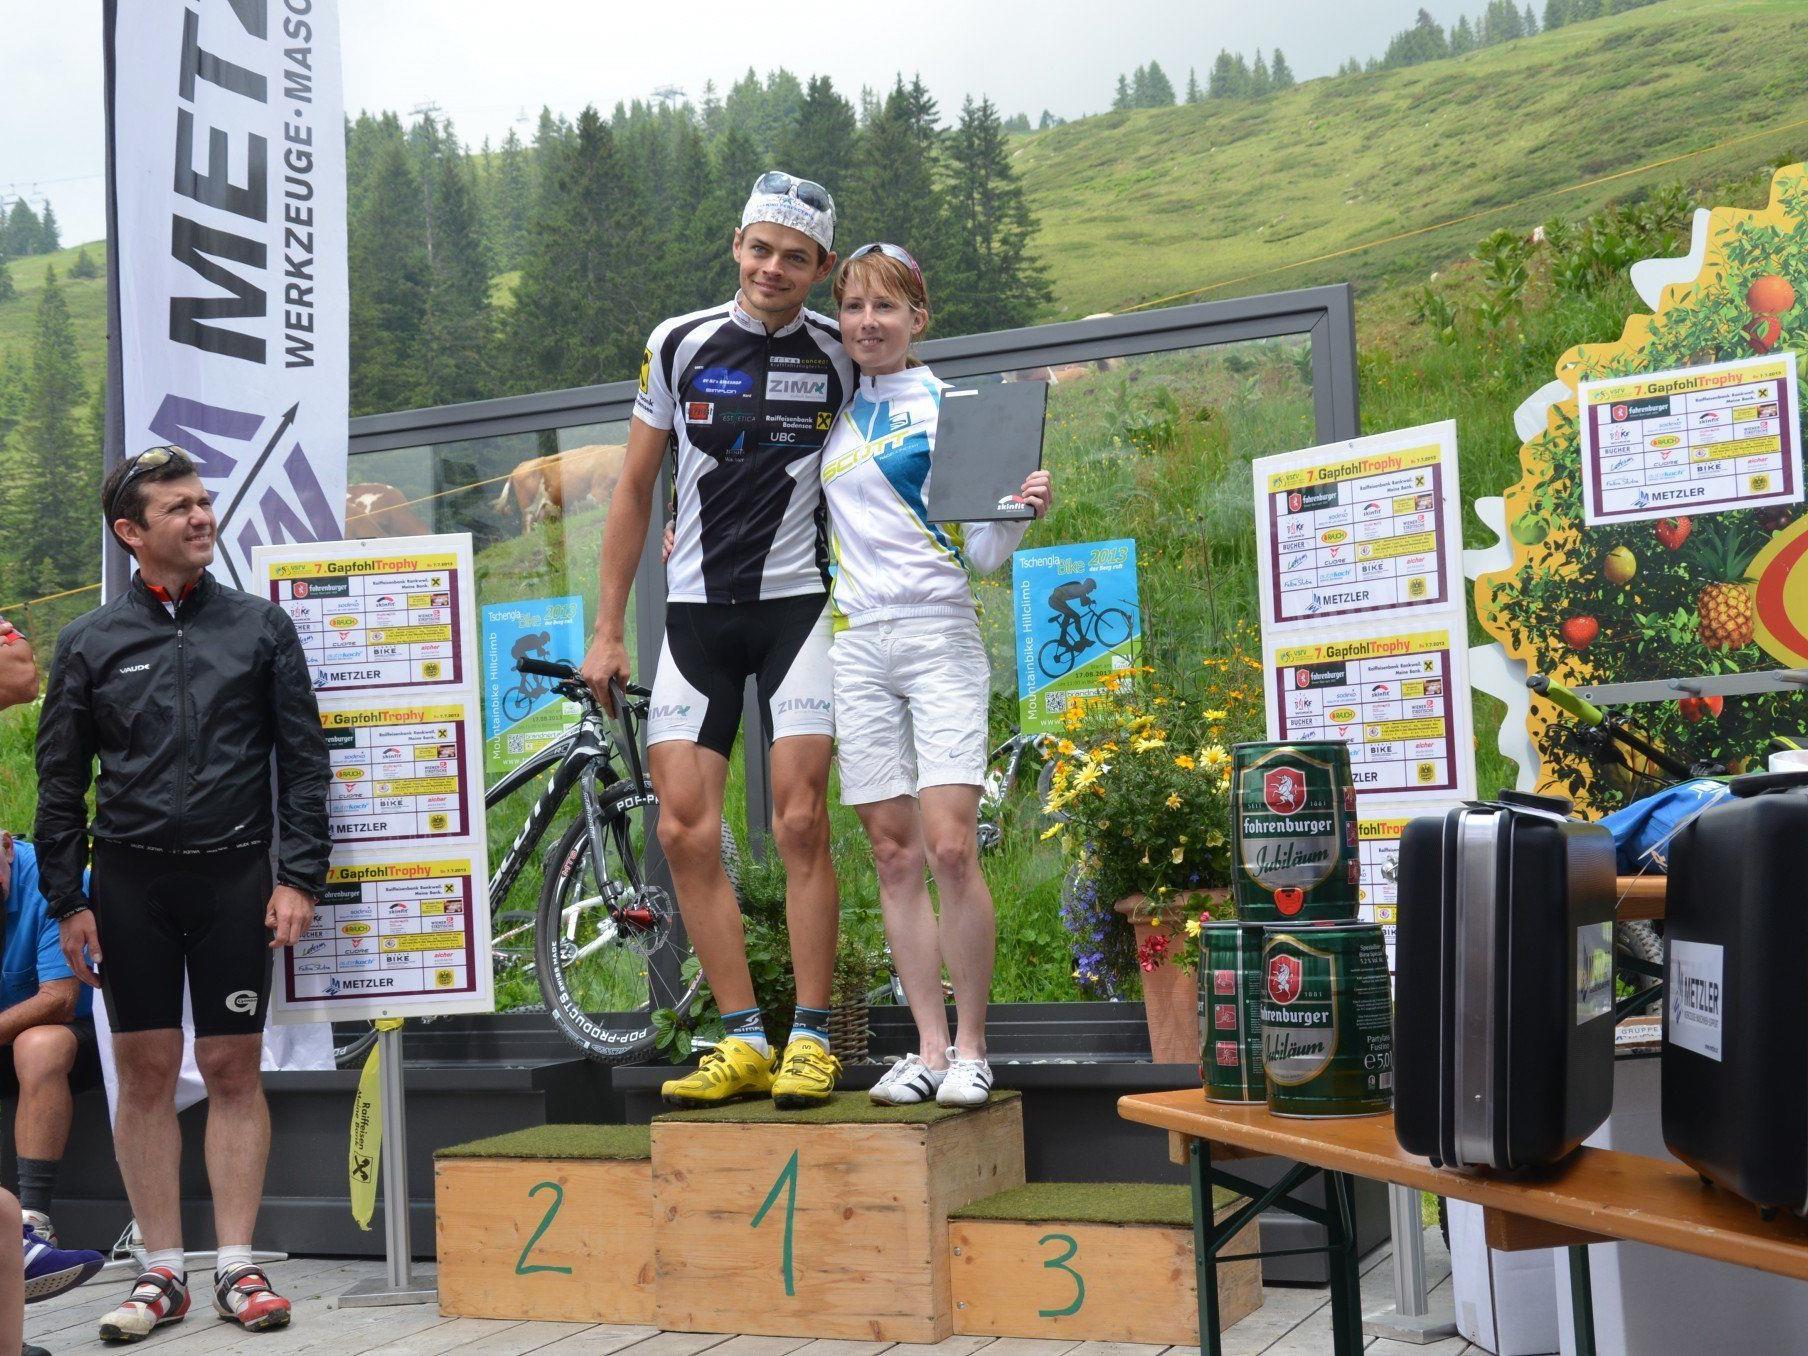 Patrizia Wacker und Manuel Hofer siegten mit neuem Streckenrekord